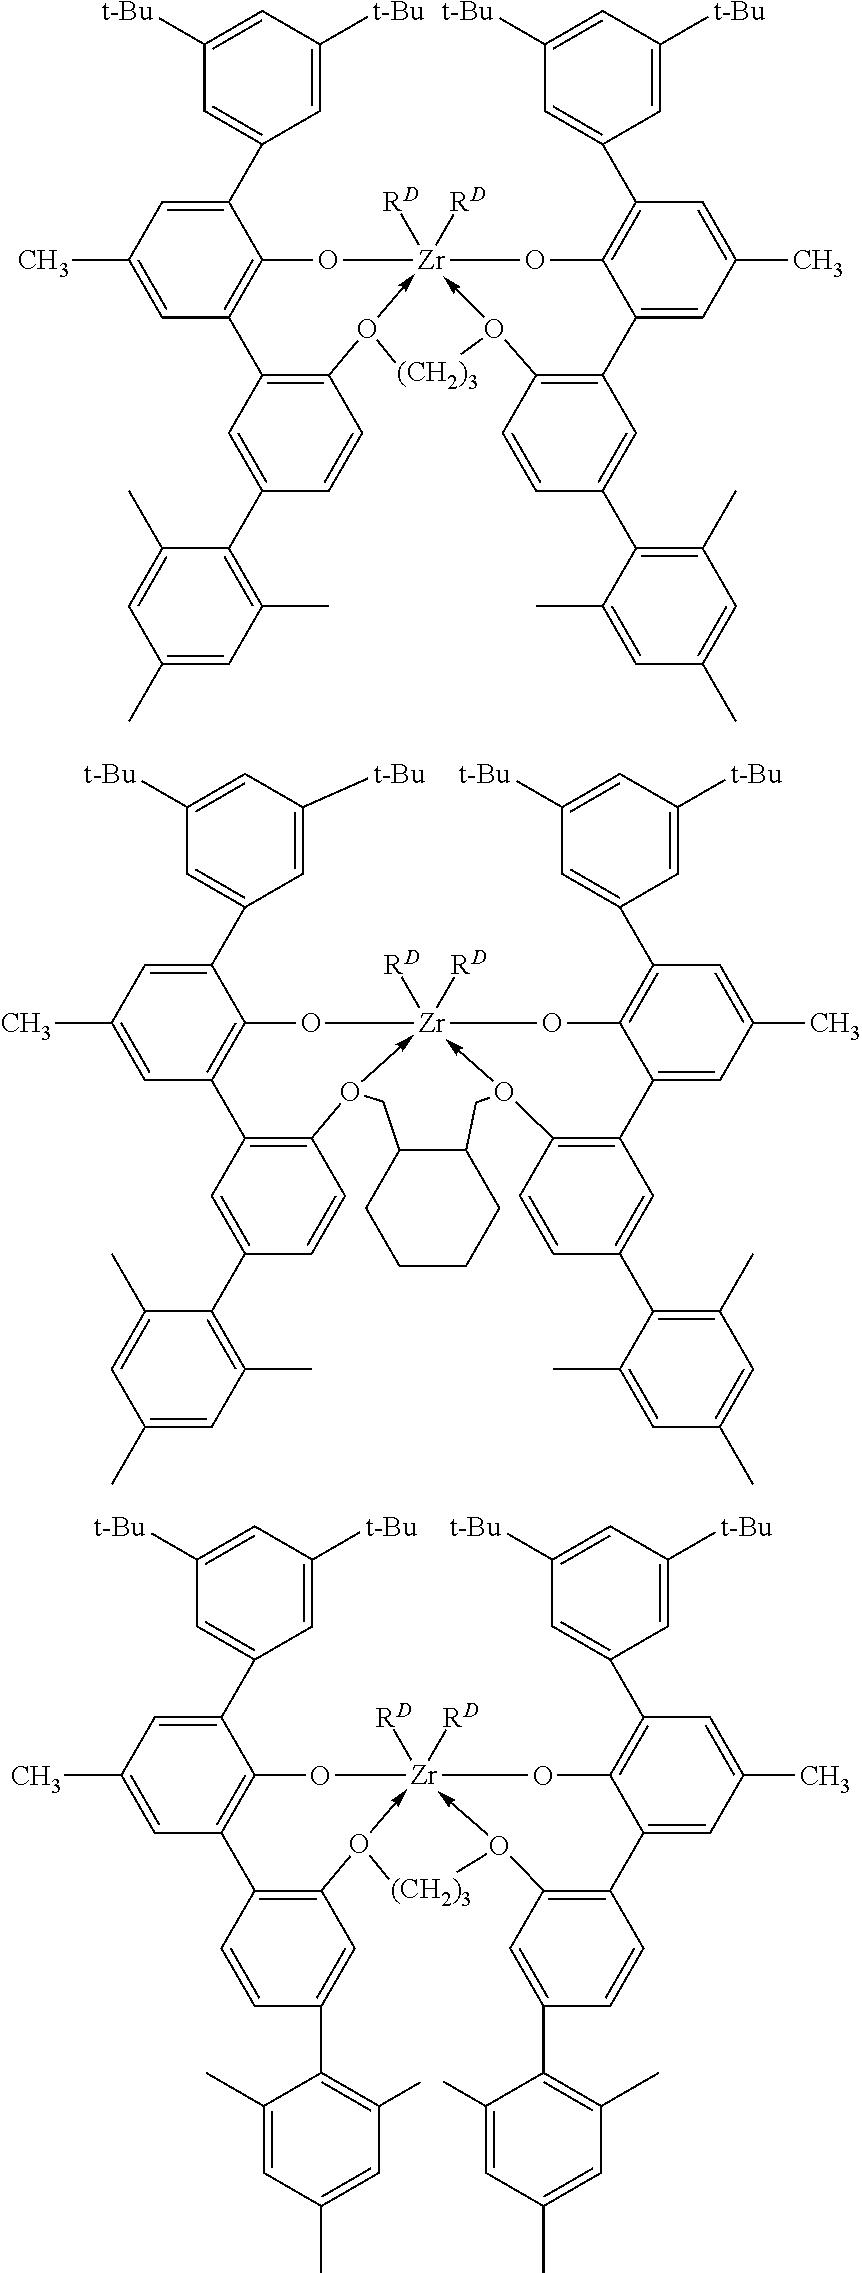 Figure US20120108770A1-20120503-C00032